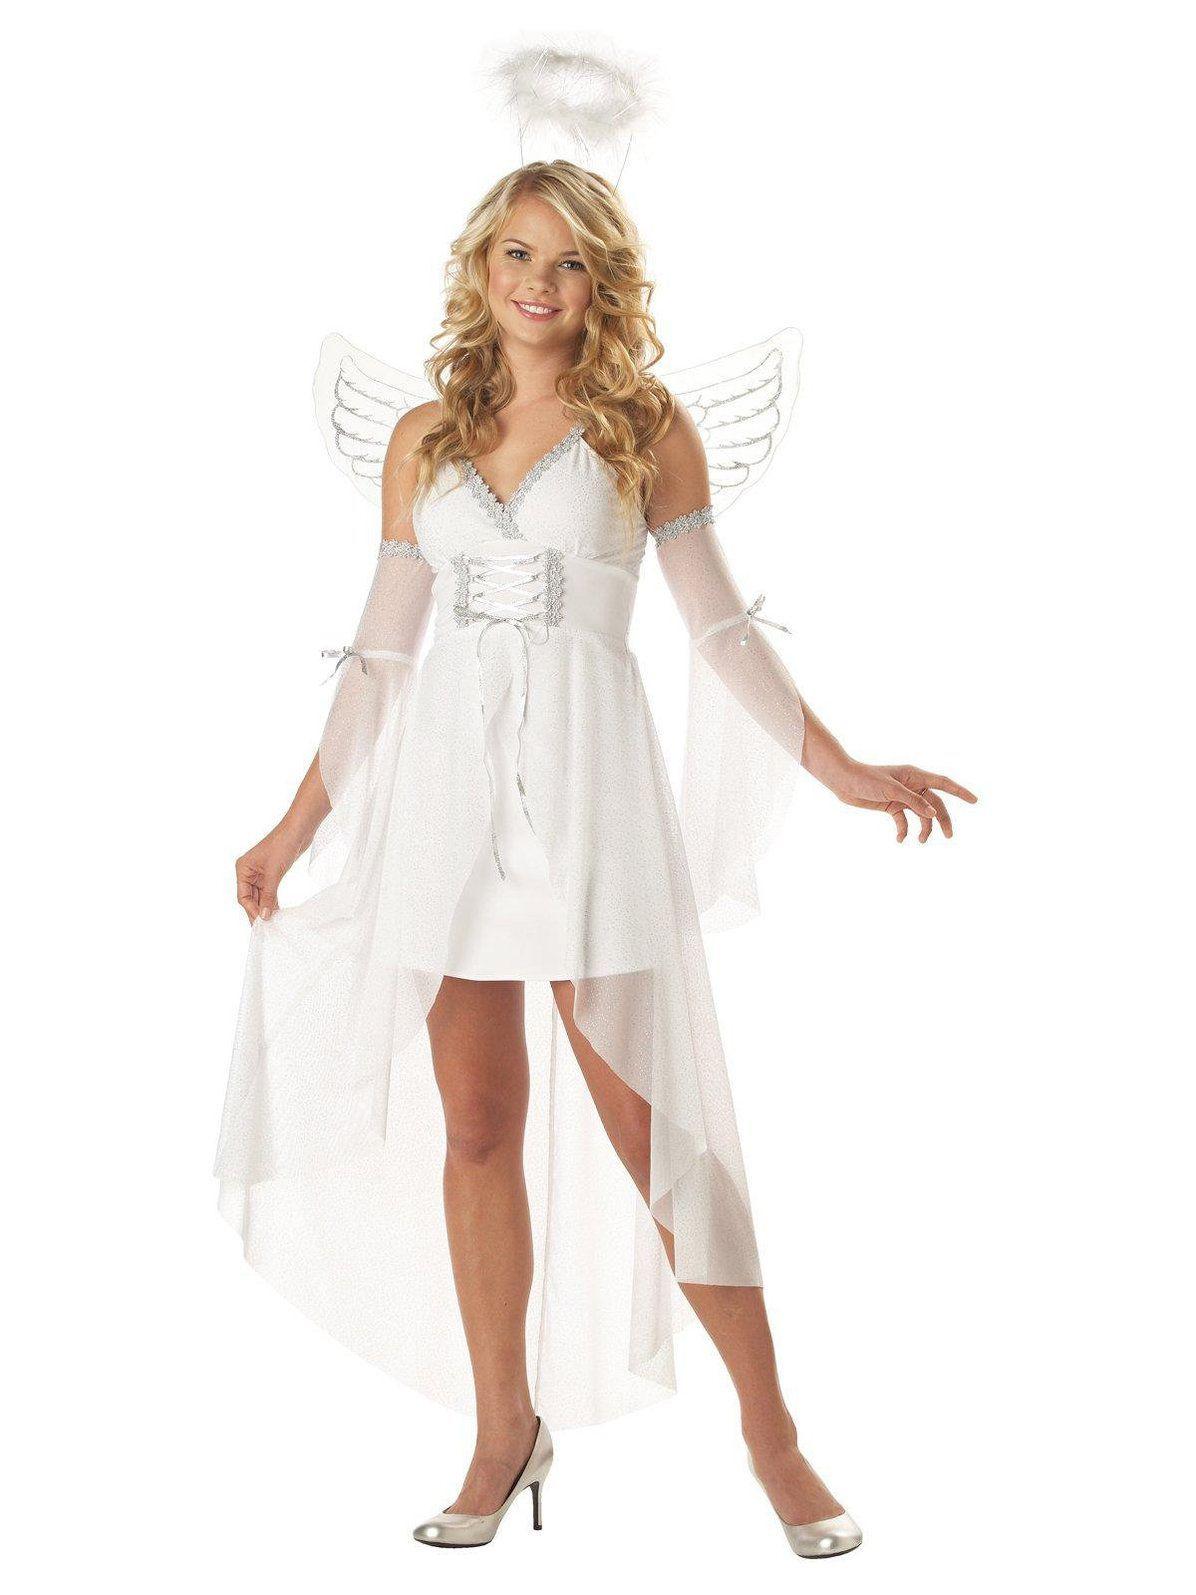 Heavenus Angel Adult Costume  Halloween  Pinterest  Halloween